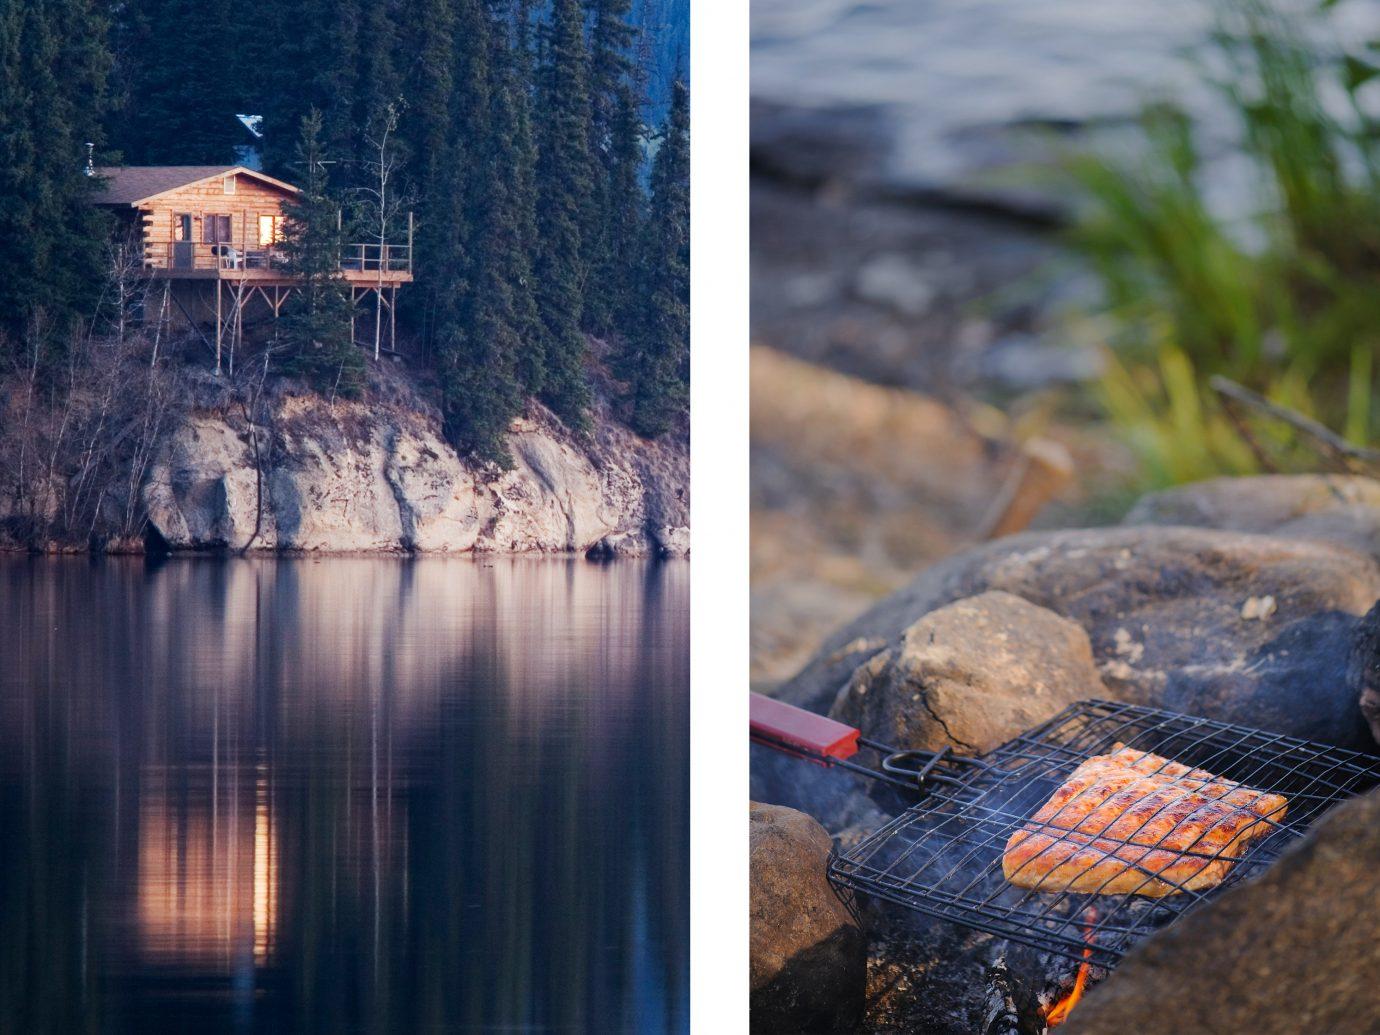 Trip Ideas outdoor Nature water reflection season autumn